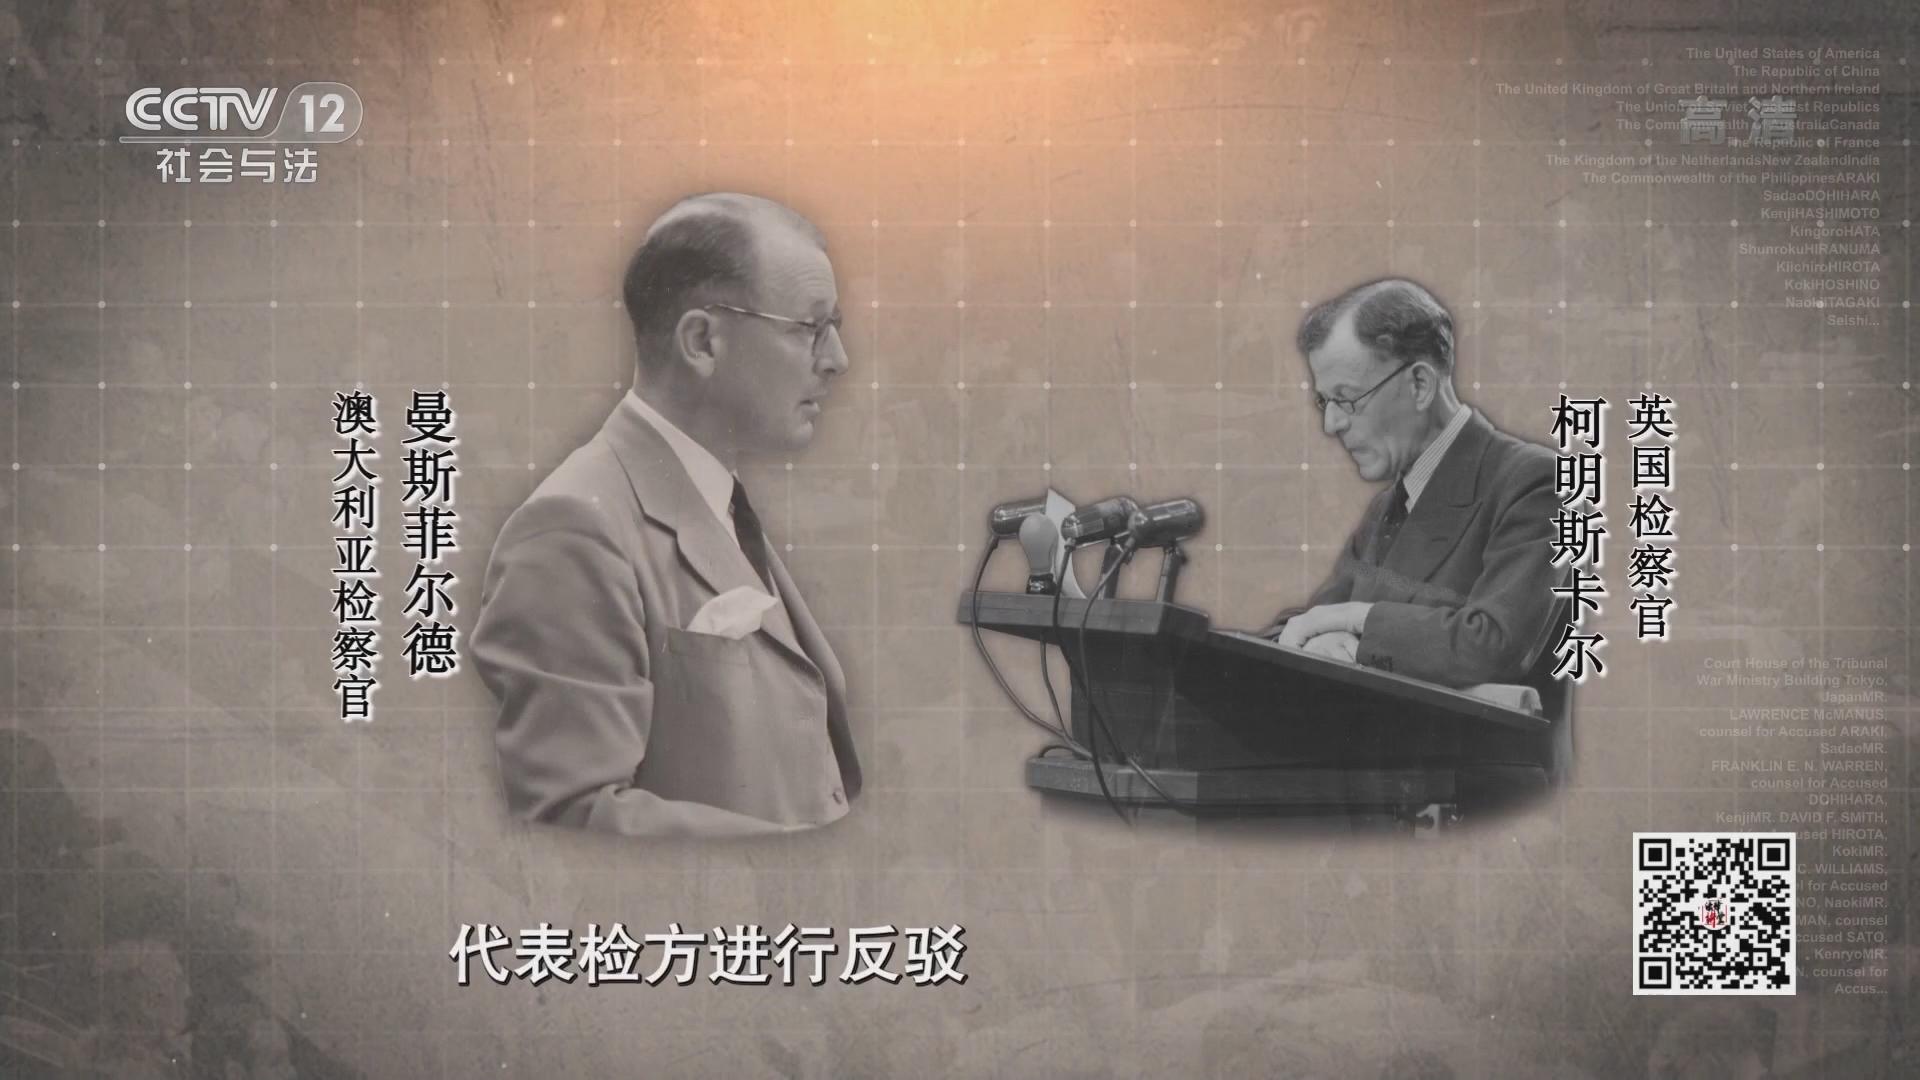 《法律讲堂(文史版)》 20210908 东京审判大揭秘(三)确定罪行 锁定战犯